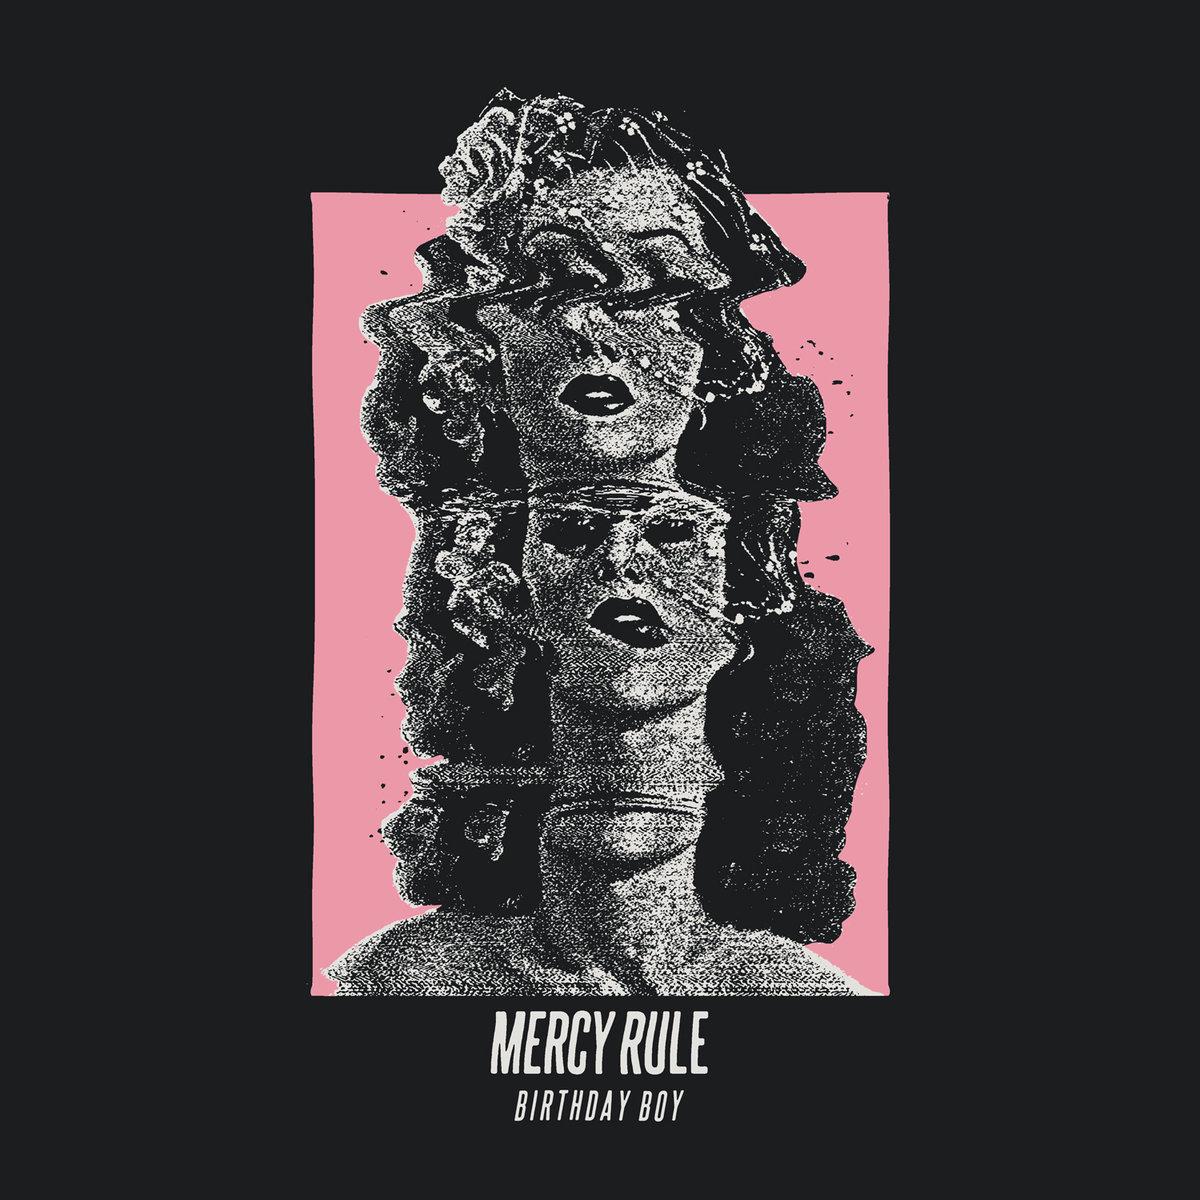 Mercy Rule 2018